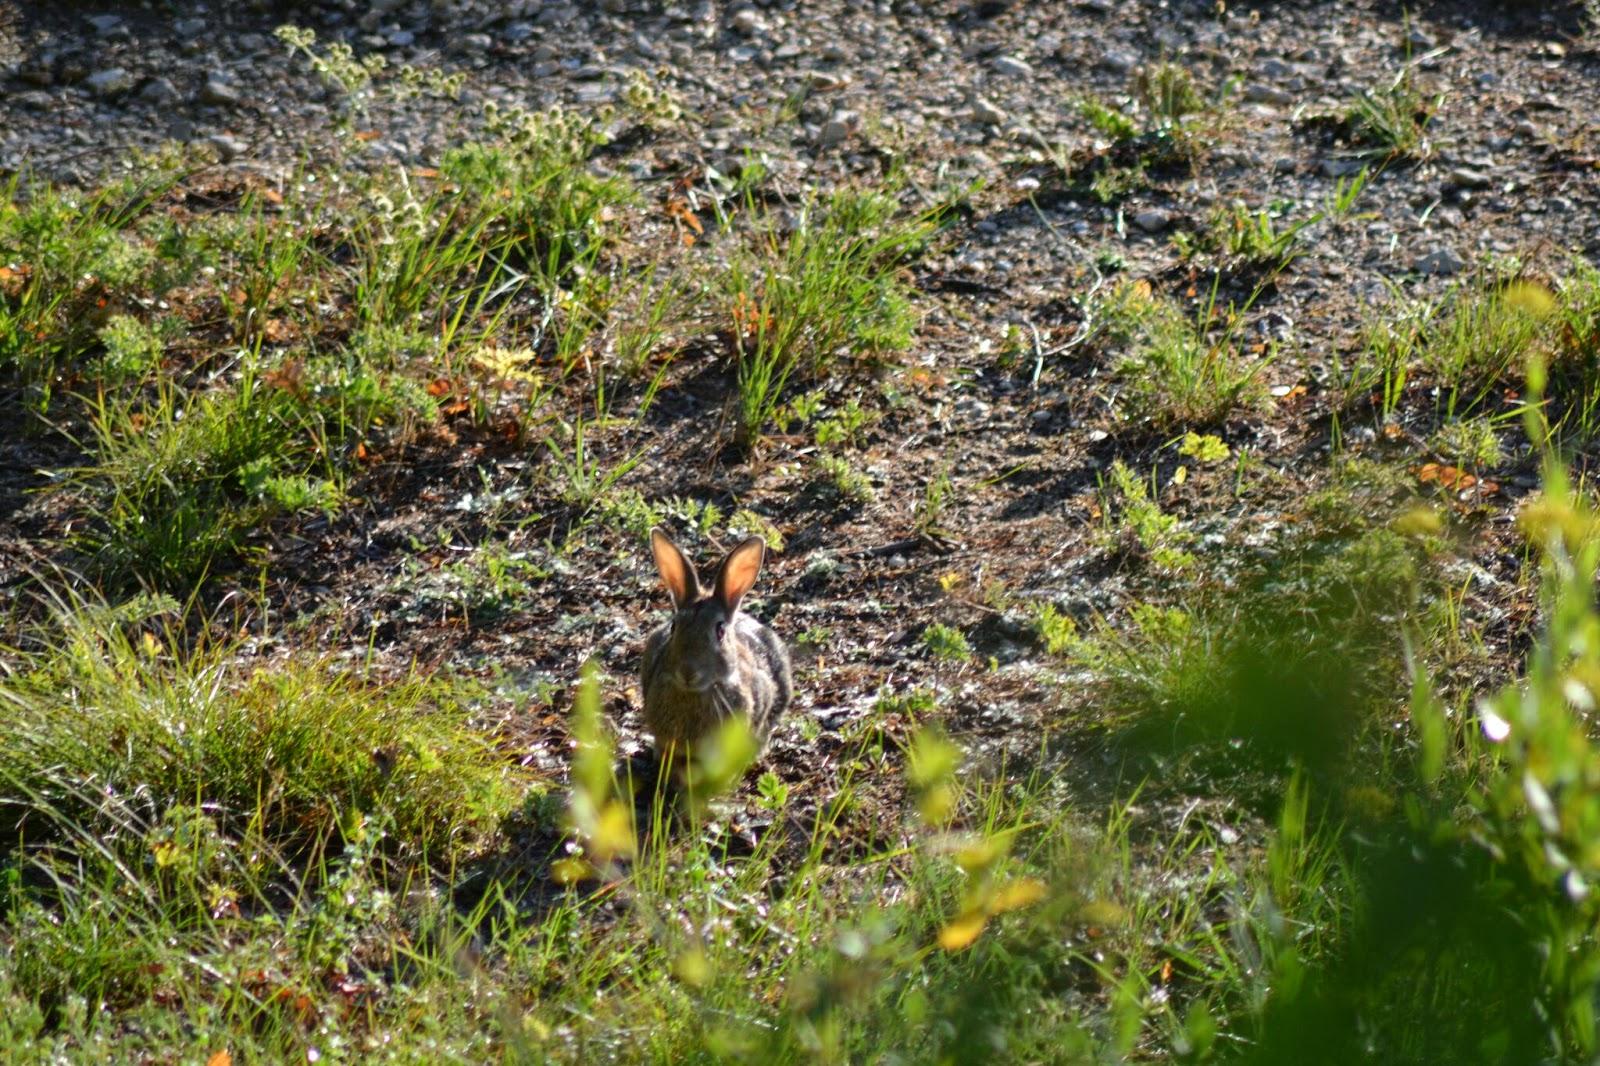 Les echos du talagard entra nement de cirka aux lapins - Cuisiner le lapin de garenne ...